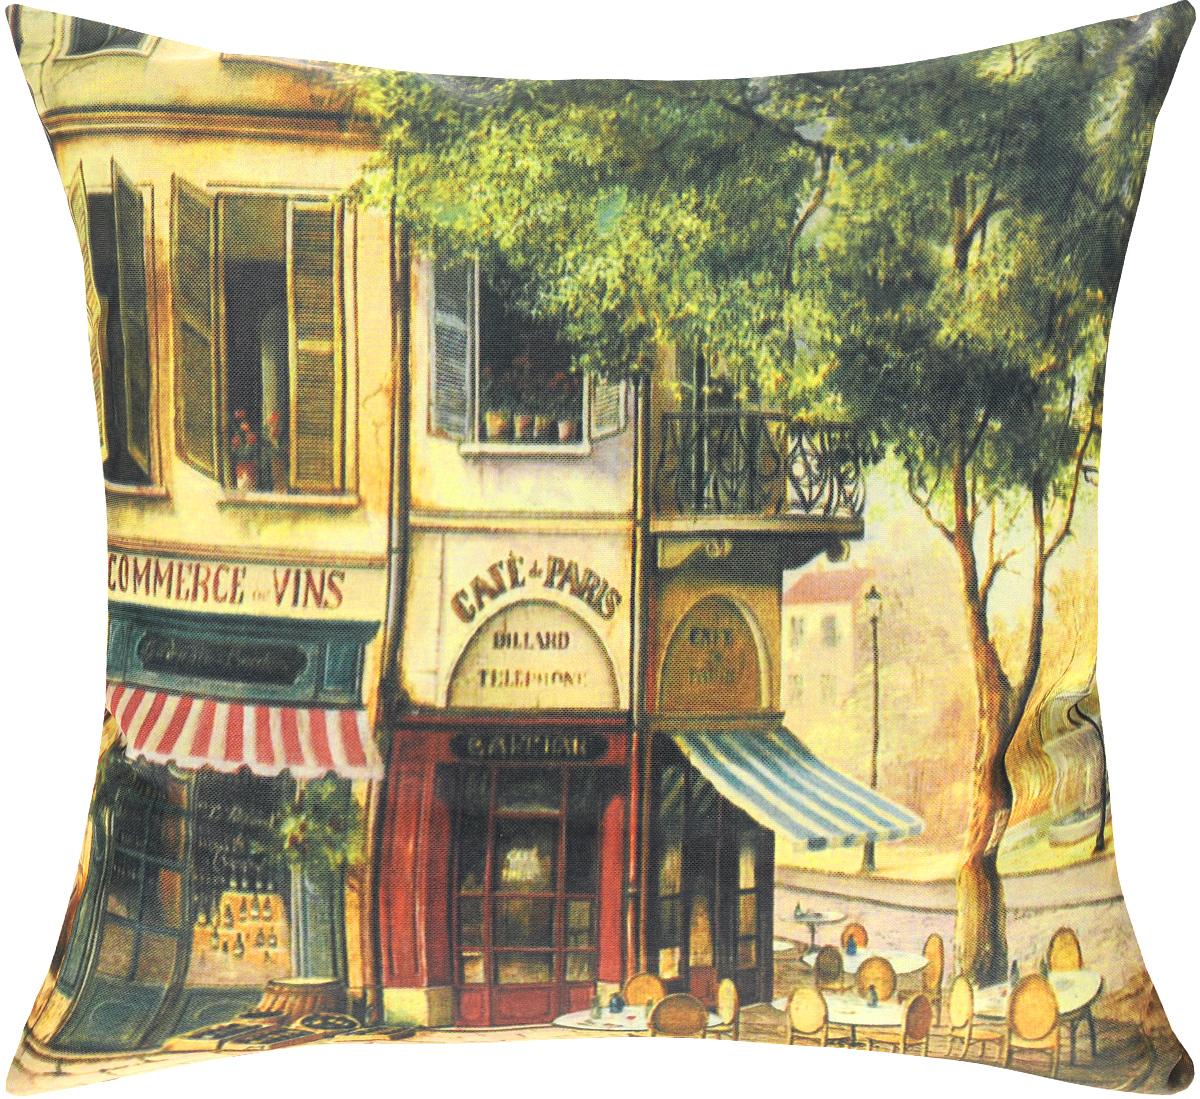 Подушка декоративная GiftnHome Парижское кафе, 40 х 40 cмPLW-OXF-40 CafeДекоративная подушка GiftnHome Парижское кафе - это яркое украшение вашего дома. Чехол выполнен из ткани Оксфорд и украшен красочным изображением. Внутренний наполнитель подушки - холлофайбер. Чехол застегивается на молнию. Красивая подушка создаст в доме уют и станет прекрасным элементом декора.